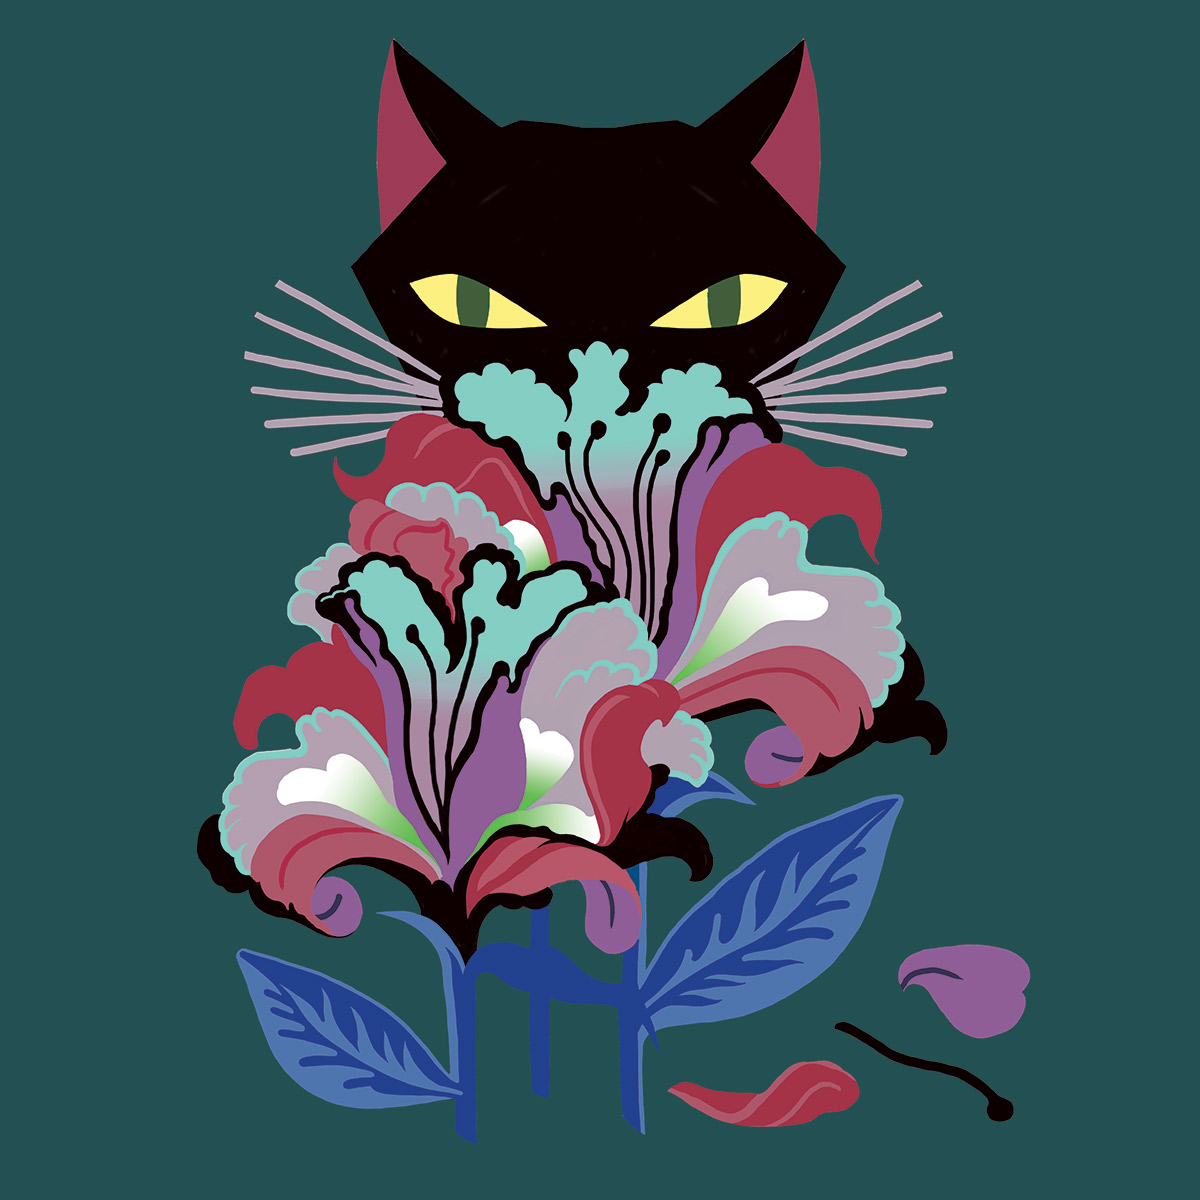 tpt-miumiu-cat-f-2-darker